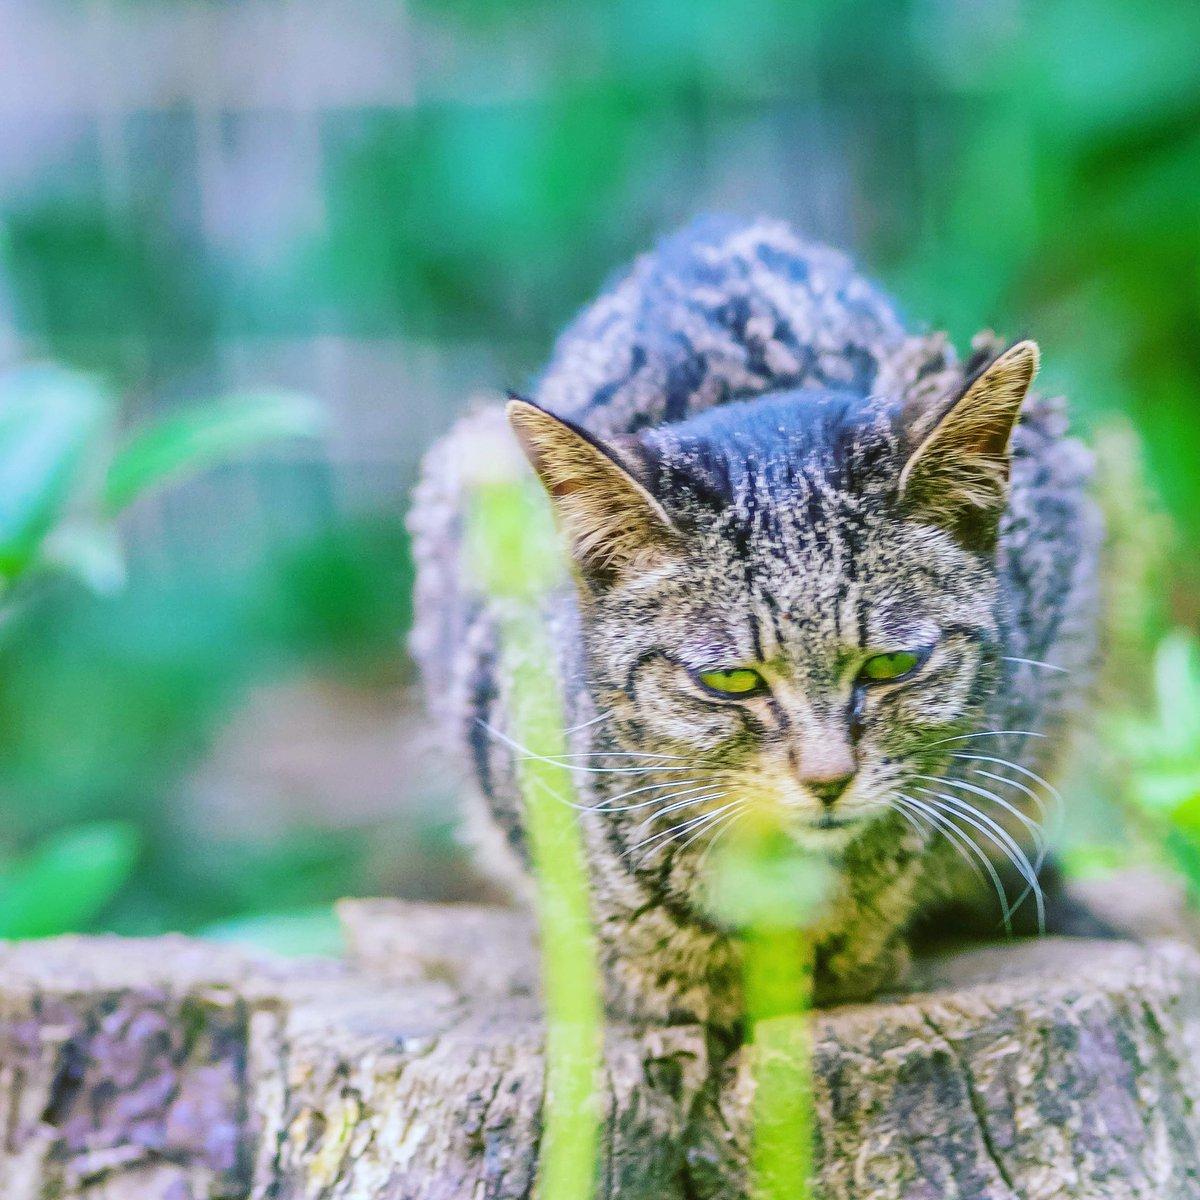 時々魔太郎   #cat #野良猫 #猫 #ファインダー越しの私の世界 #キリトリセカイ